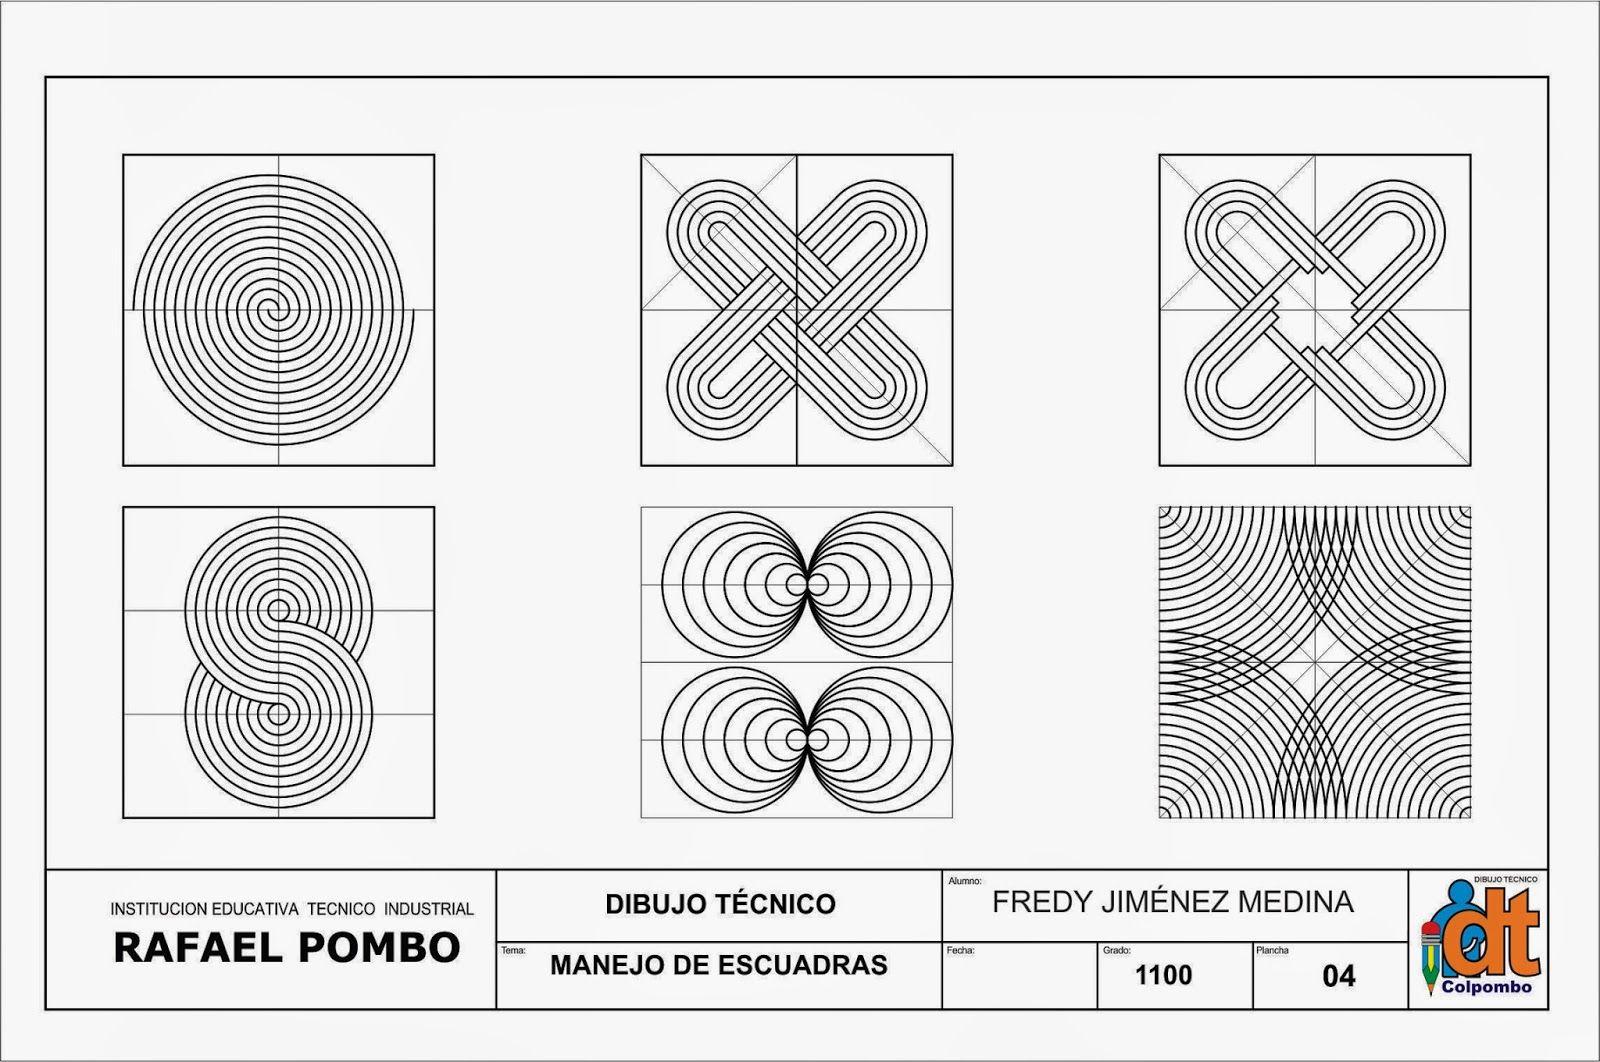 Estandar 4 Utilizar Adecuadamente Los Instrumentos Basicos De Dibujo Tecnico Y Elaborar Con E Tecnicas De Dibujo Lecciones De Arte Diseno Grafico Geometrico